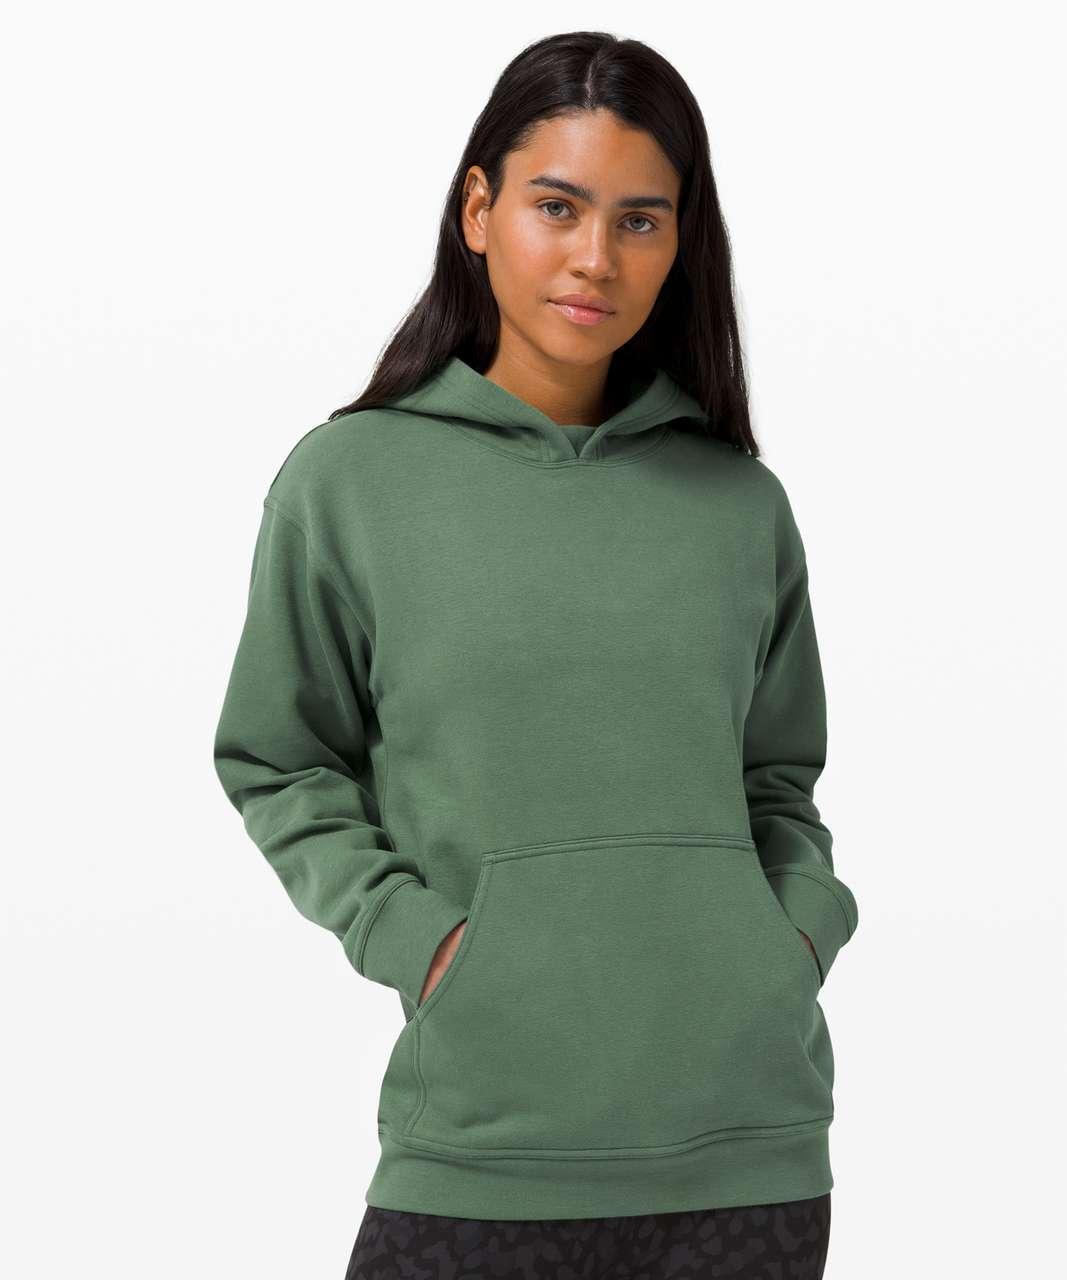 Lululemon All Yours Hoodie - Algae Green